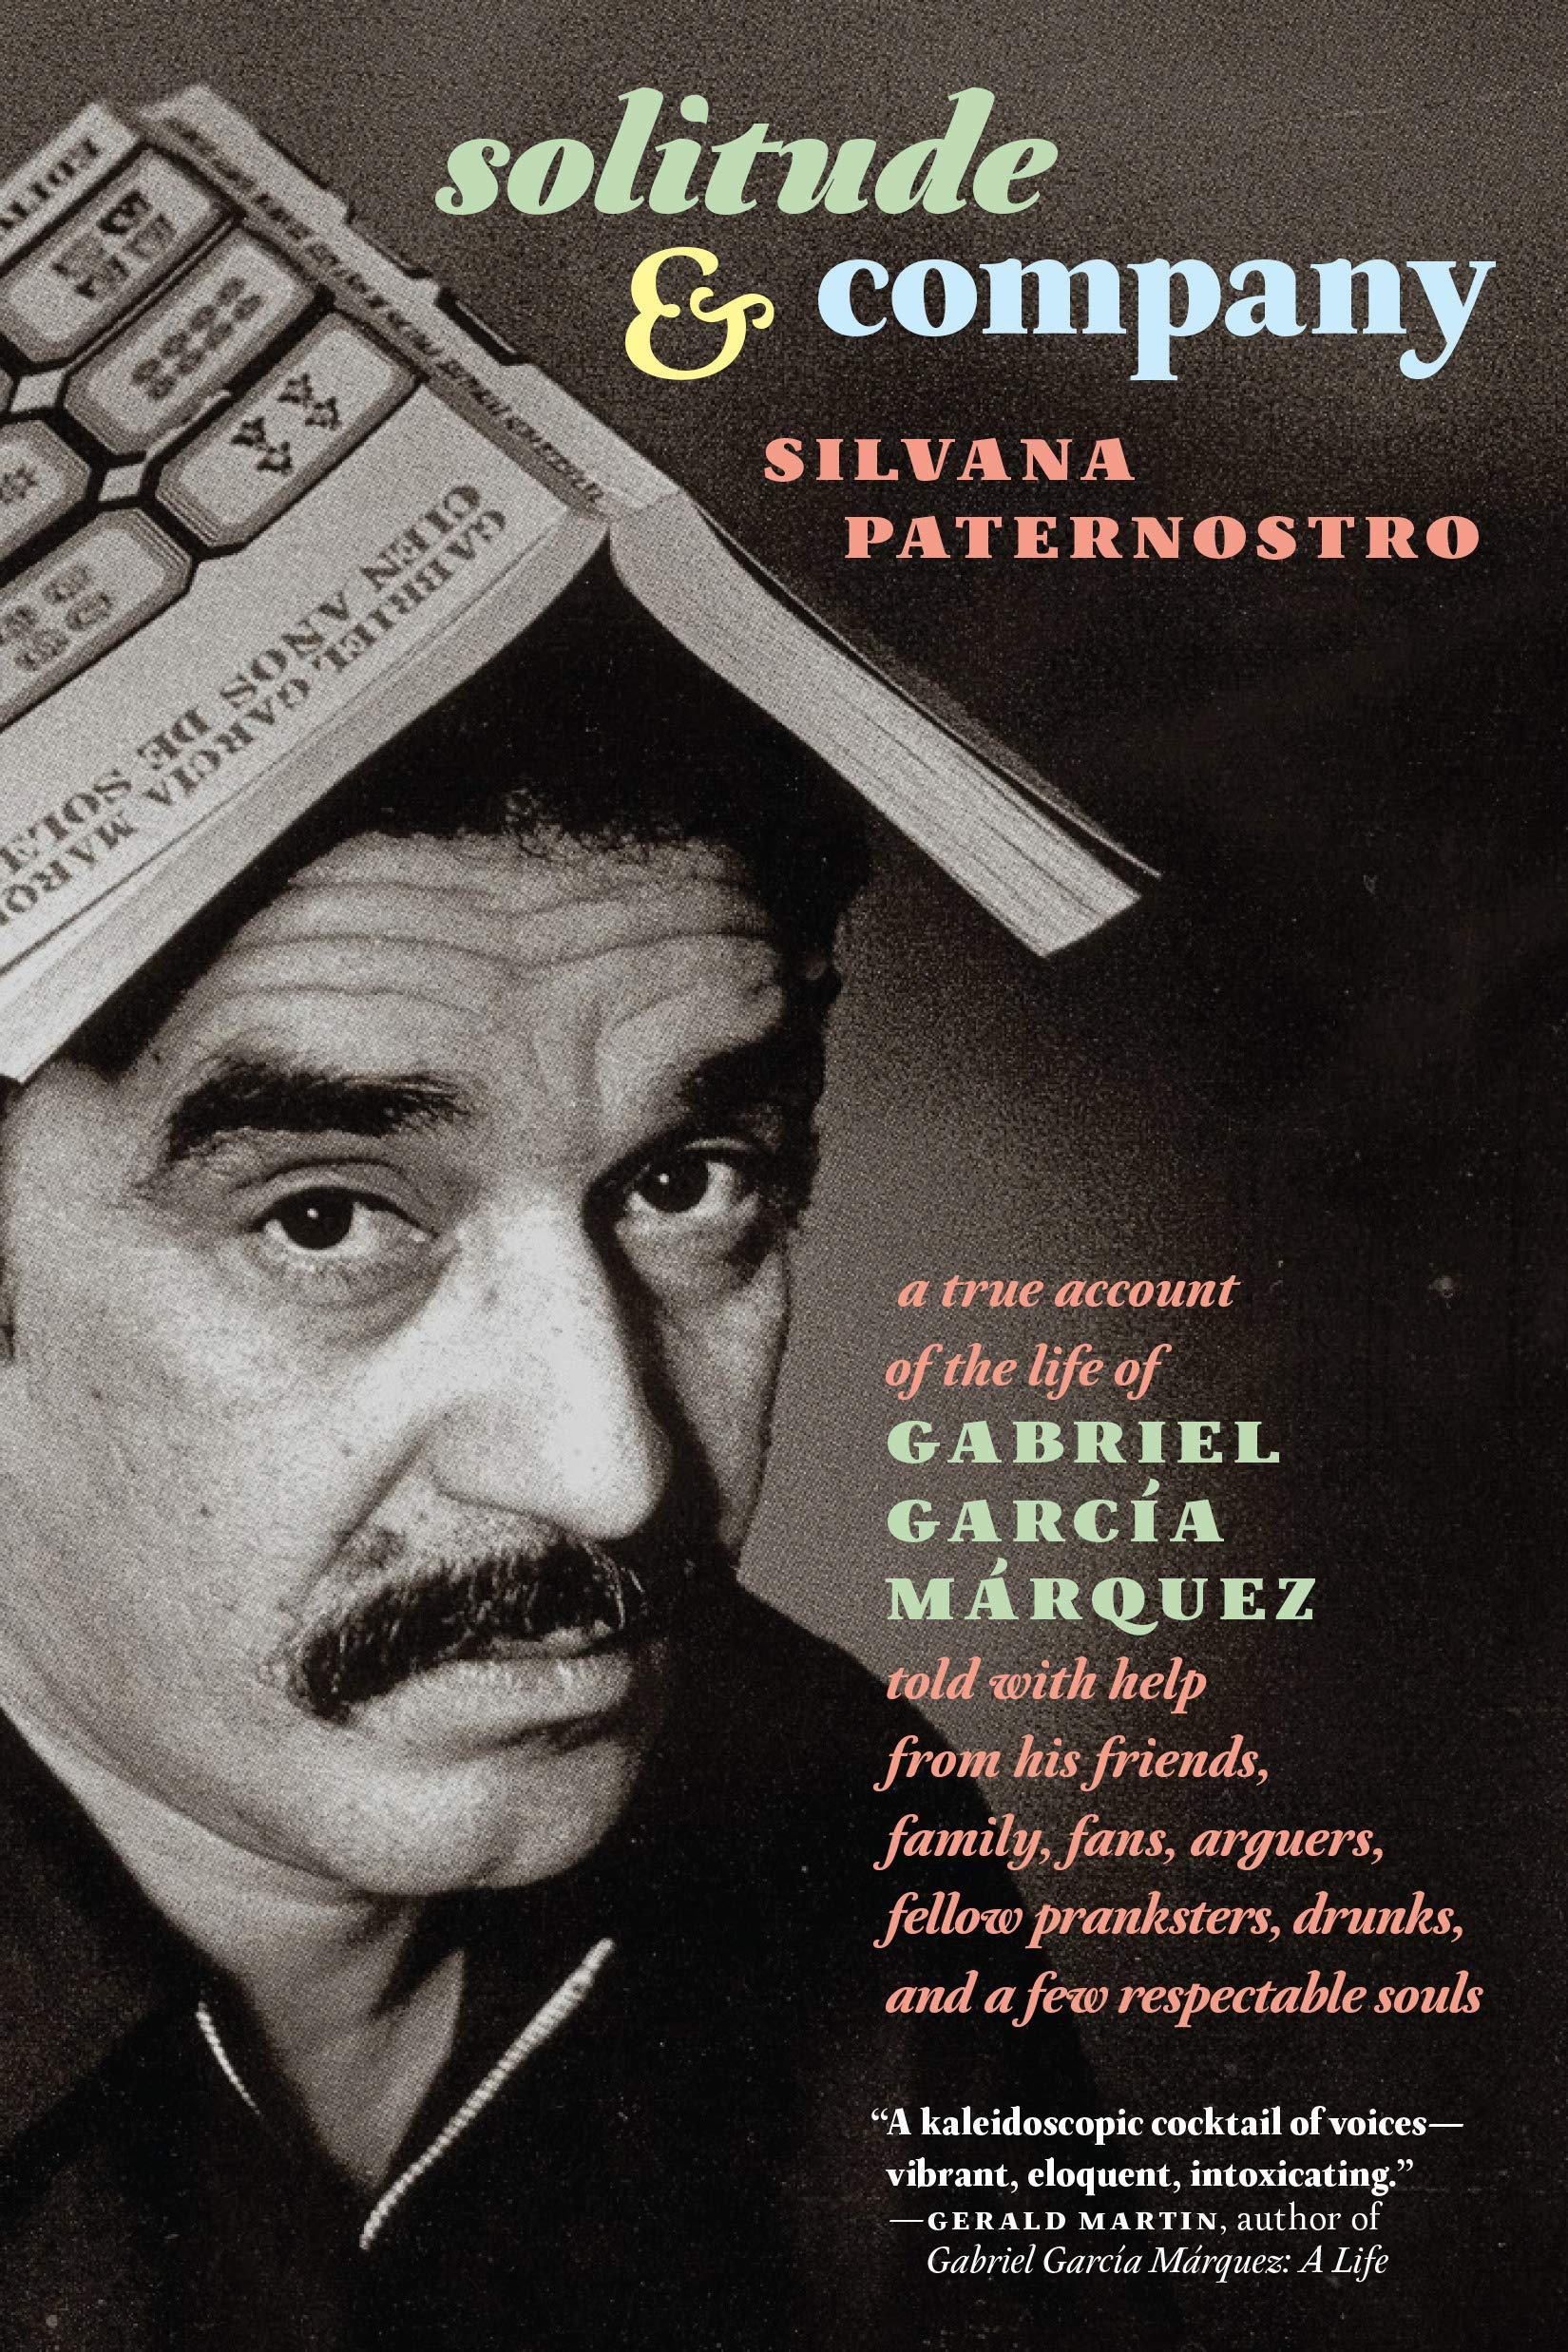 The extraordinary life of Gabriel García Márquez